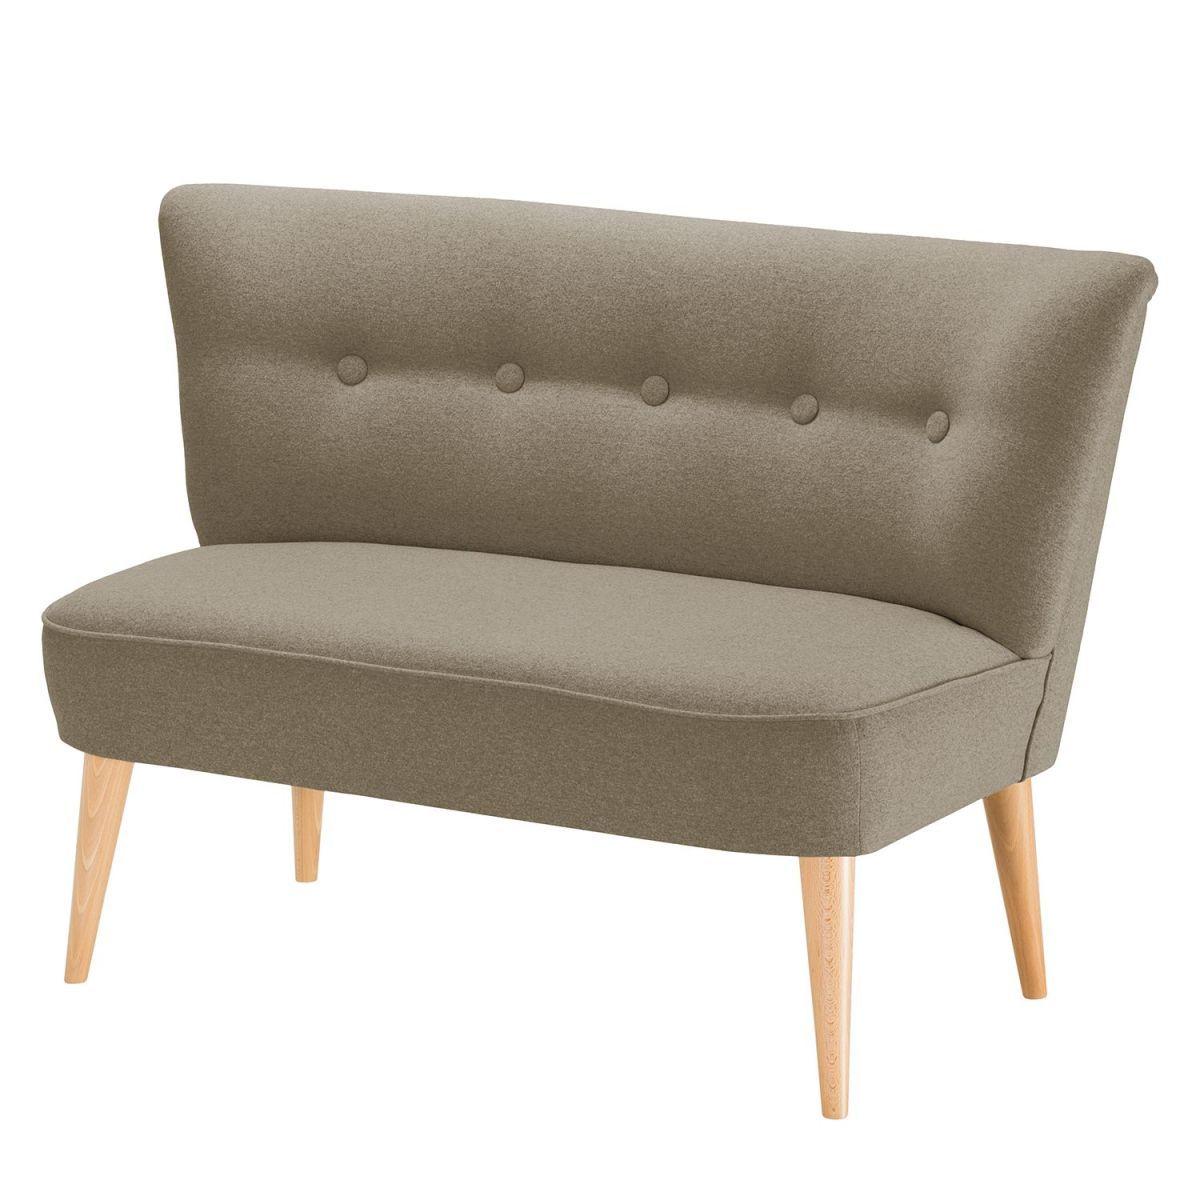 Hervorragend Sofa Bumberry (2 Sitzer) Filz   Latte Macchiato, Morteens Jetzt Bestellen  Unter: Https://moebel.ladendirekt.de/wohnzimmer/sofas/2 Und 3 Sitzer Sofas/?uidu003d  ...